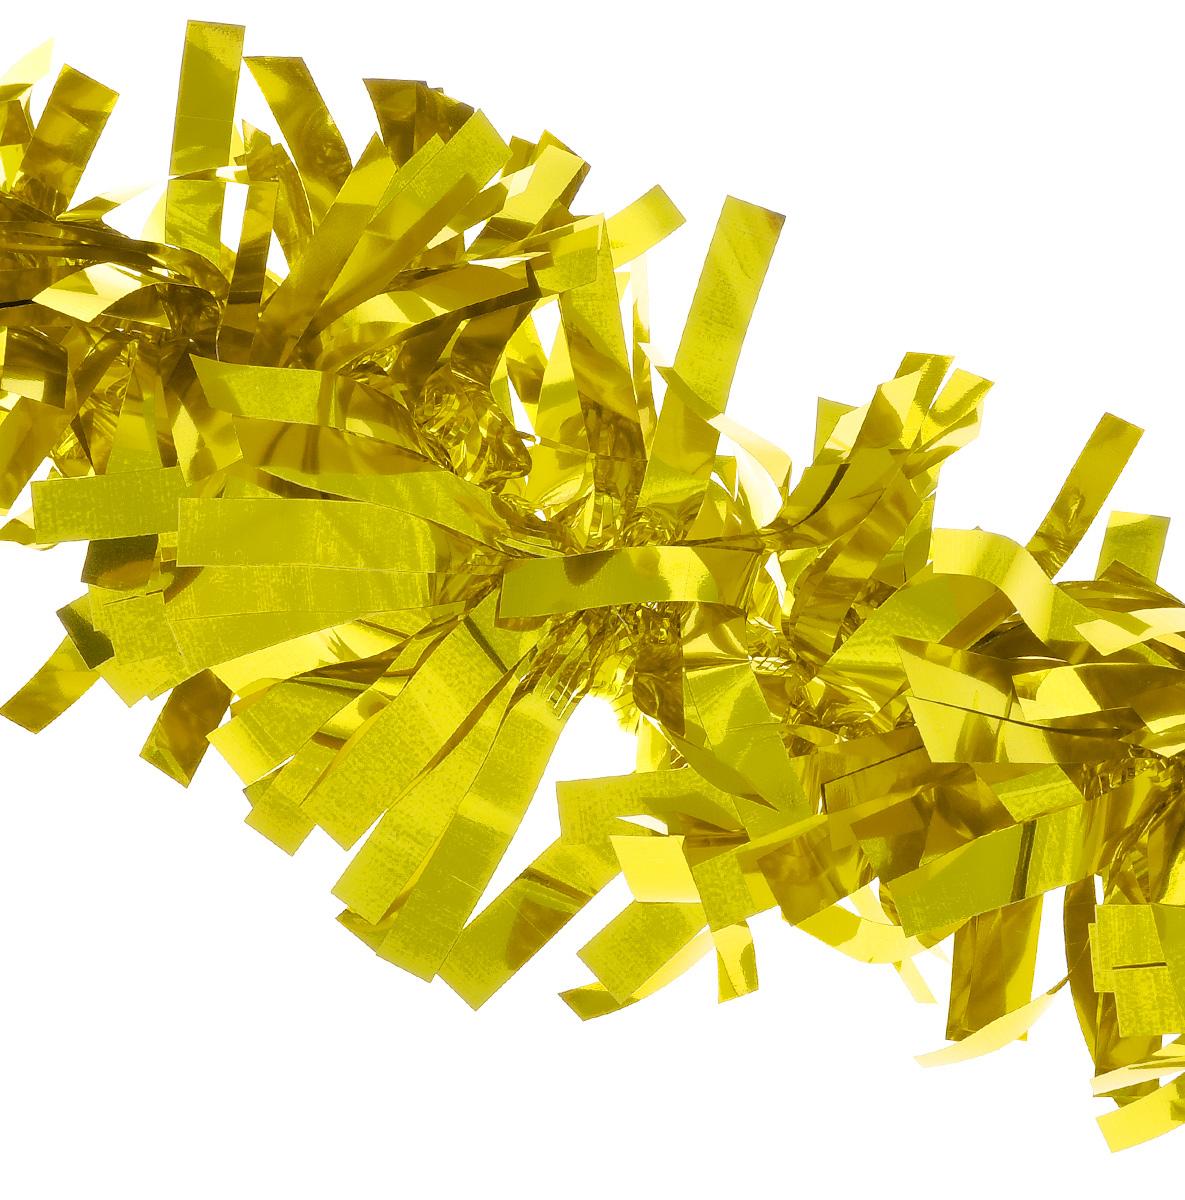 Мишура новогодняя EuroHouse Северное сияние, цвет: золотистый, диаметр 11 см, длина 200 смЕХ7424_золотойНовогодняя мишура EuroHouse Северное сияние, выполненная из ПЭТ (полиэтилентерефталата), поможет вам украсить свой дом к предстоящим праздникам. А новогодняя елка с таким украшением станет еще наряднее. Мишура армирована, то есть имеет проволоку внутри и способна сохранять придаваемую ей форму. Новогодней мишурой можно украсить все, что угодно - елку, квартиру, дачу, офис - как внутри, так и снаружи. Можно сложить новогодние поздравления, буквы и цифры, мишурой можно украсить и дополнить гирлянды, можно выделить дверные колонны, оплести дверные проемы.